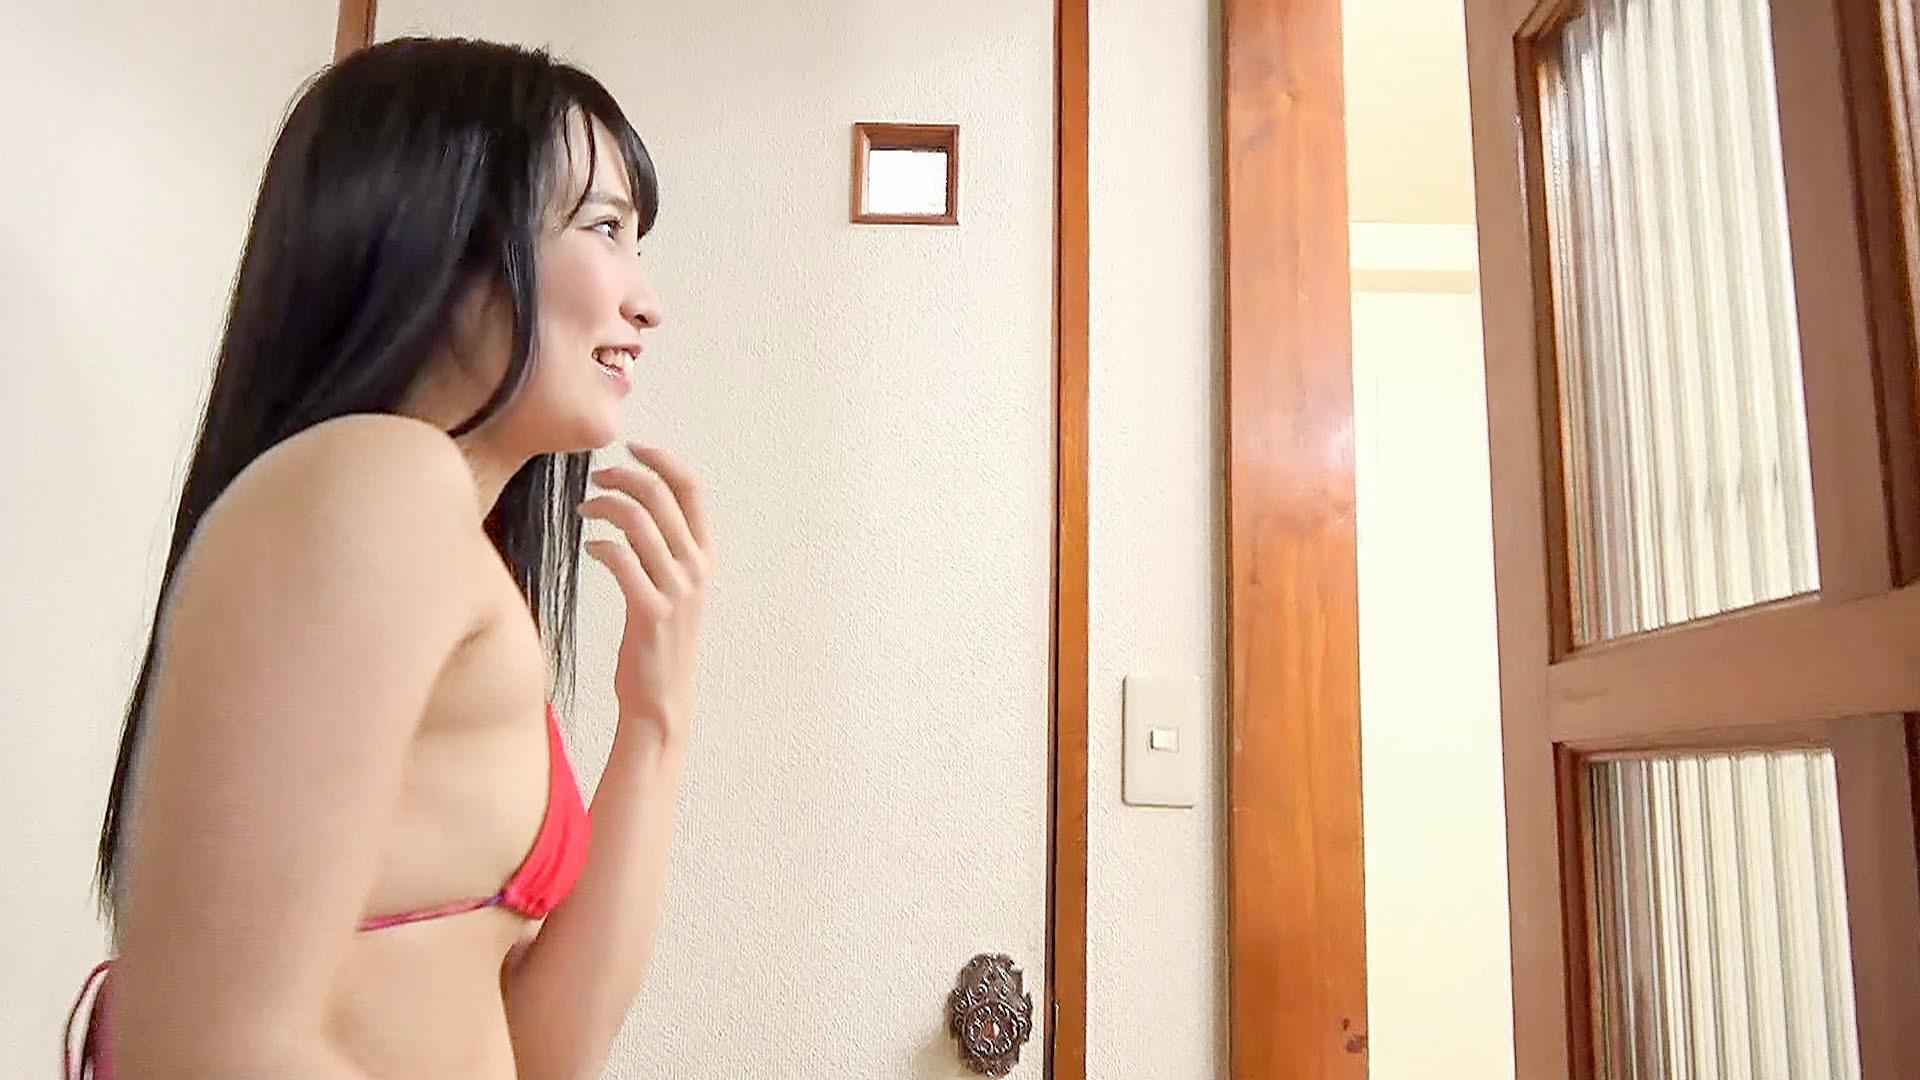 何も知らない人気AV女優に即ハメ即尺SEX 枢木あおい 画像10